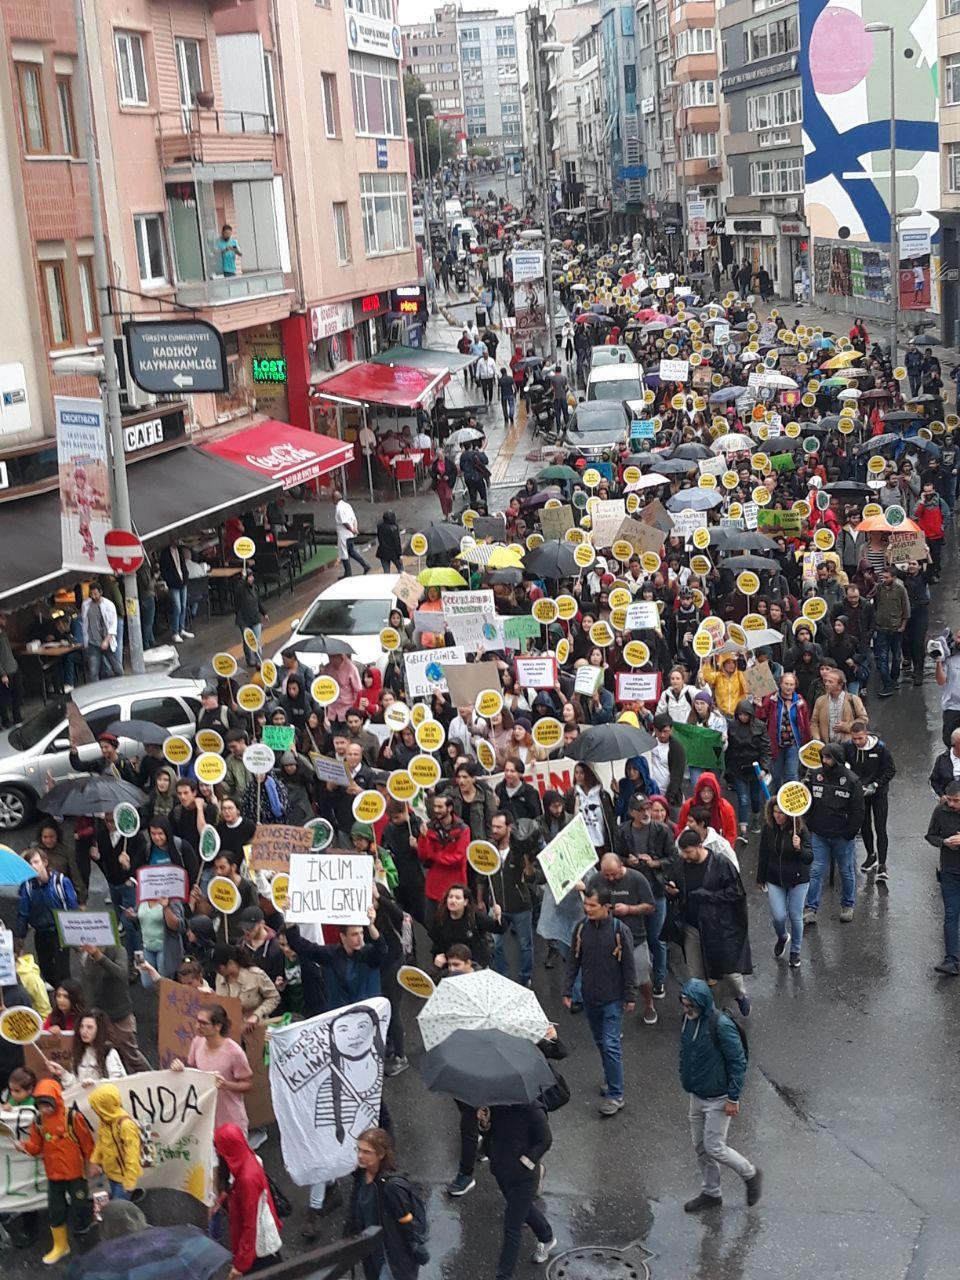 Kadıköy'de iklim krizine karşına birleşen gençler: Büyüklere sormadan bu kararı veriyoruz, isyan başladı